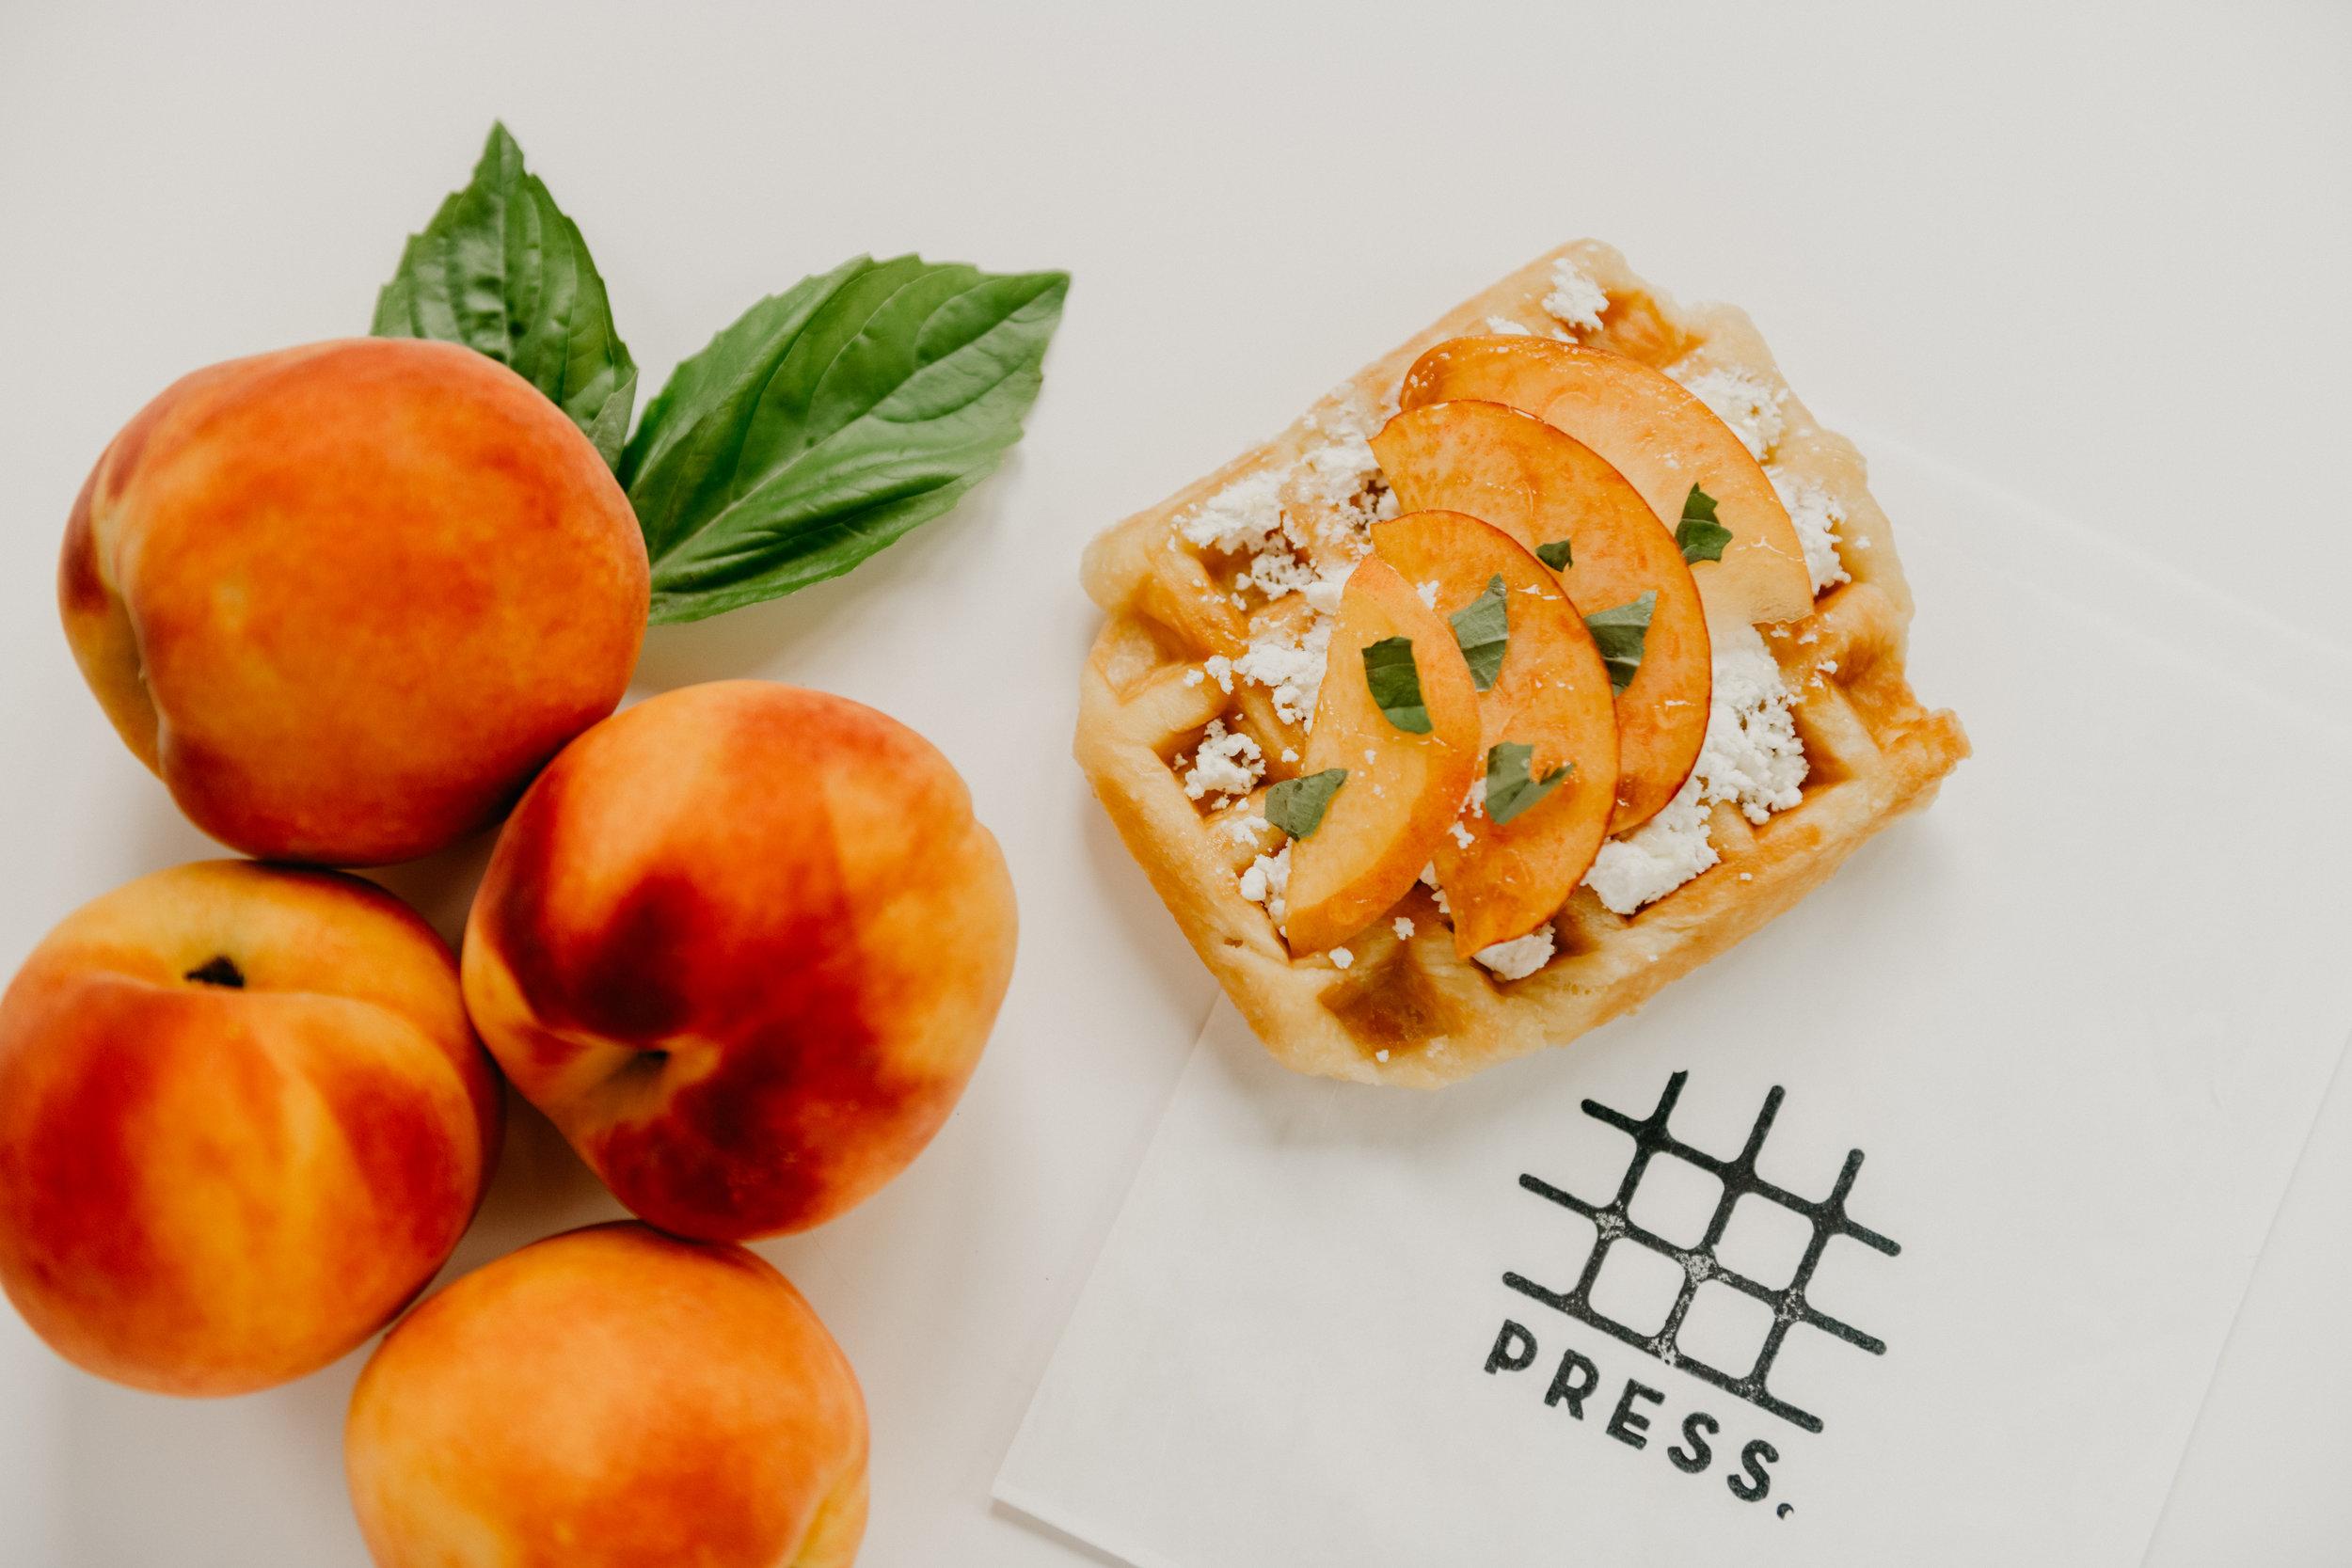 Press-Peaches-0183.jpg